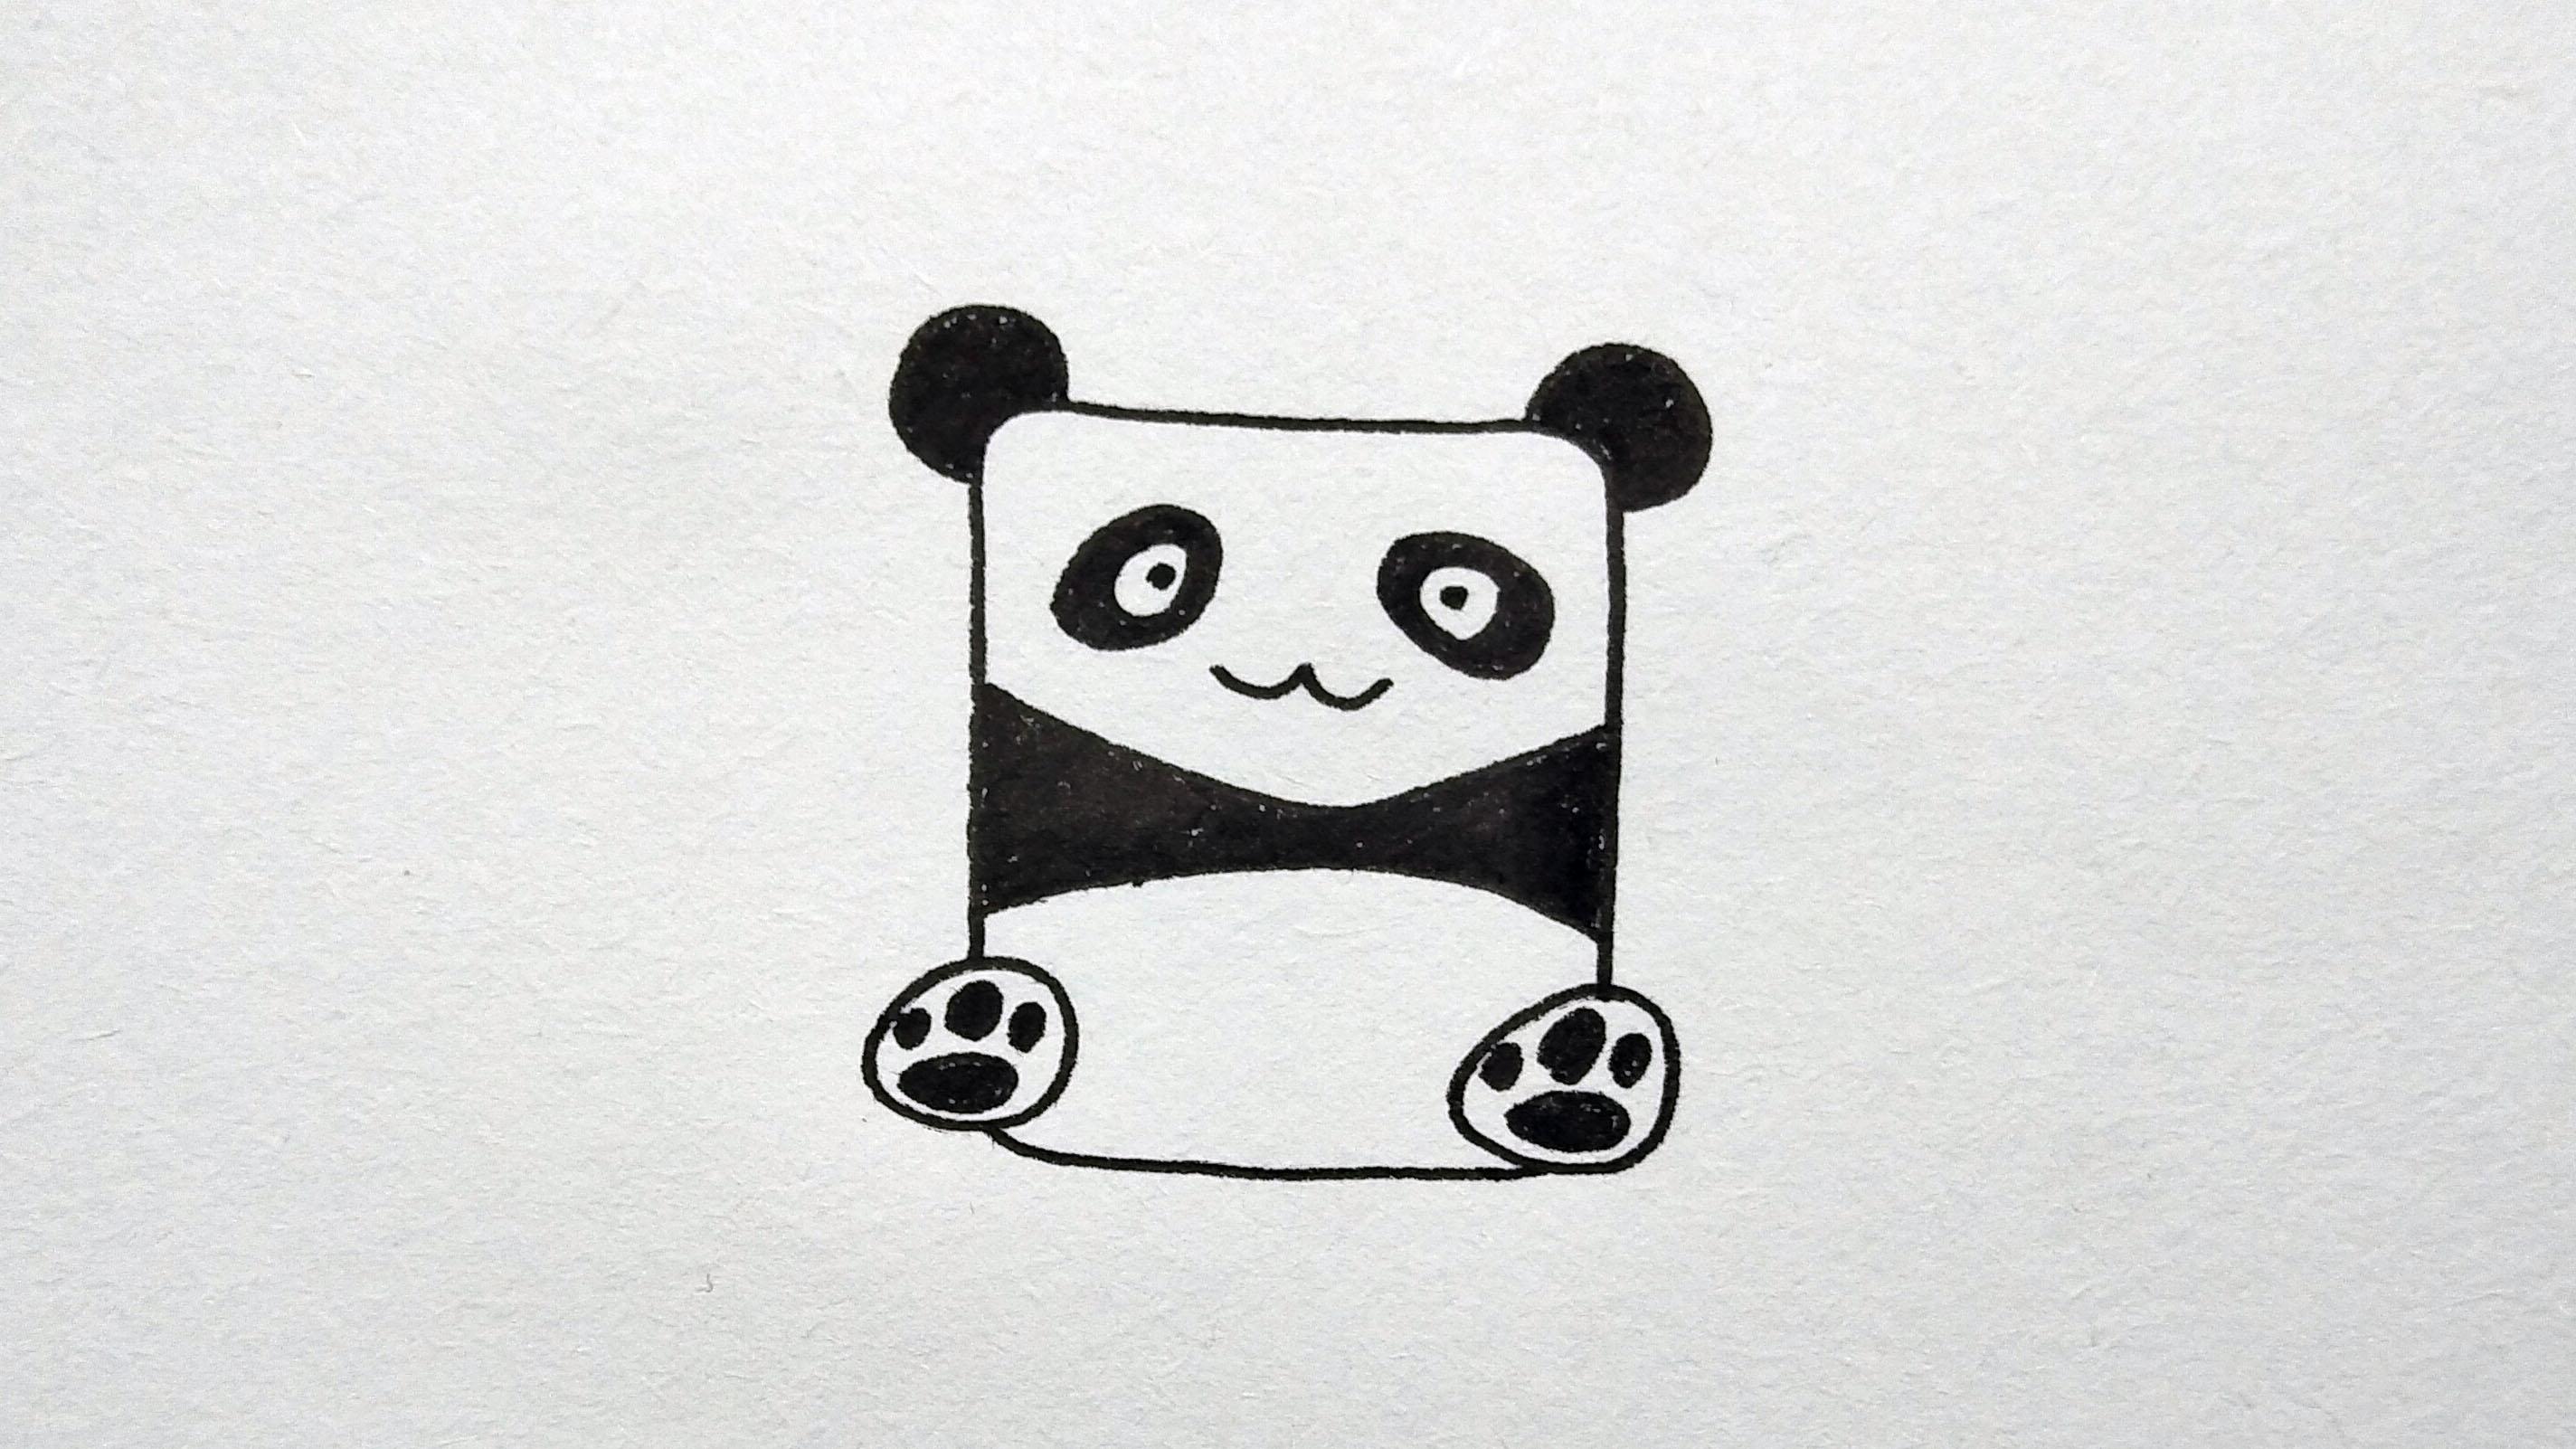 儿童简笔画卡通熊猫, 教会宝宝如何简单快速画完一只可爱小熊猫图片